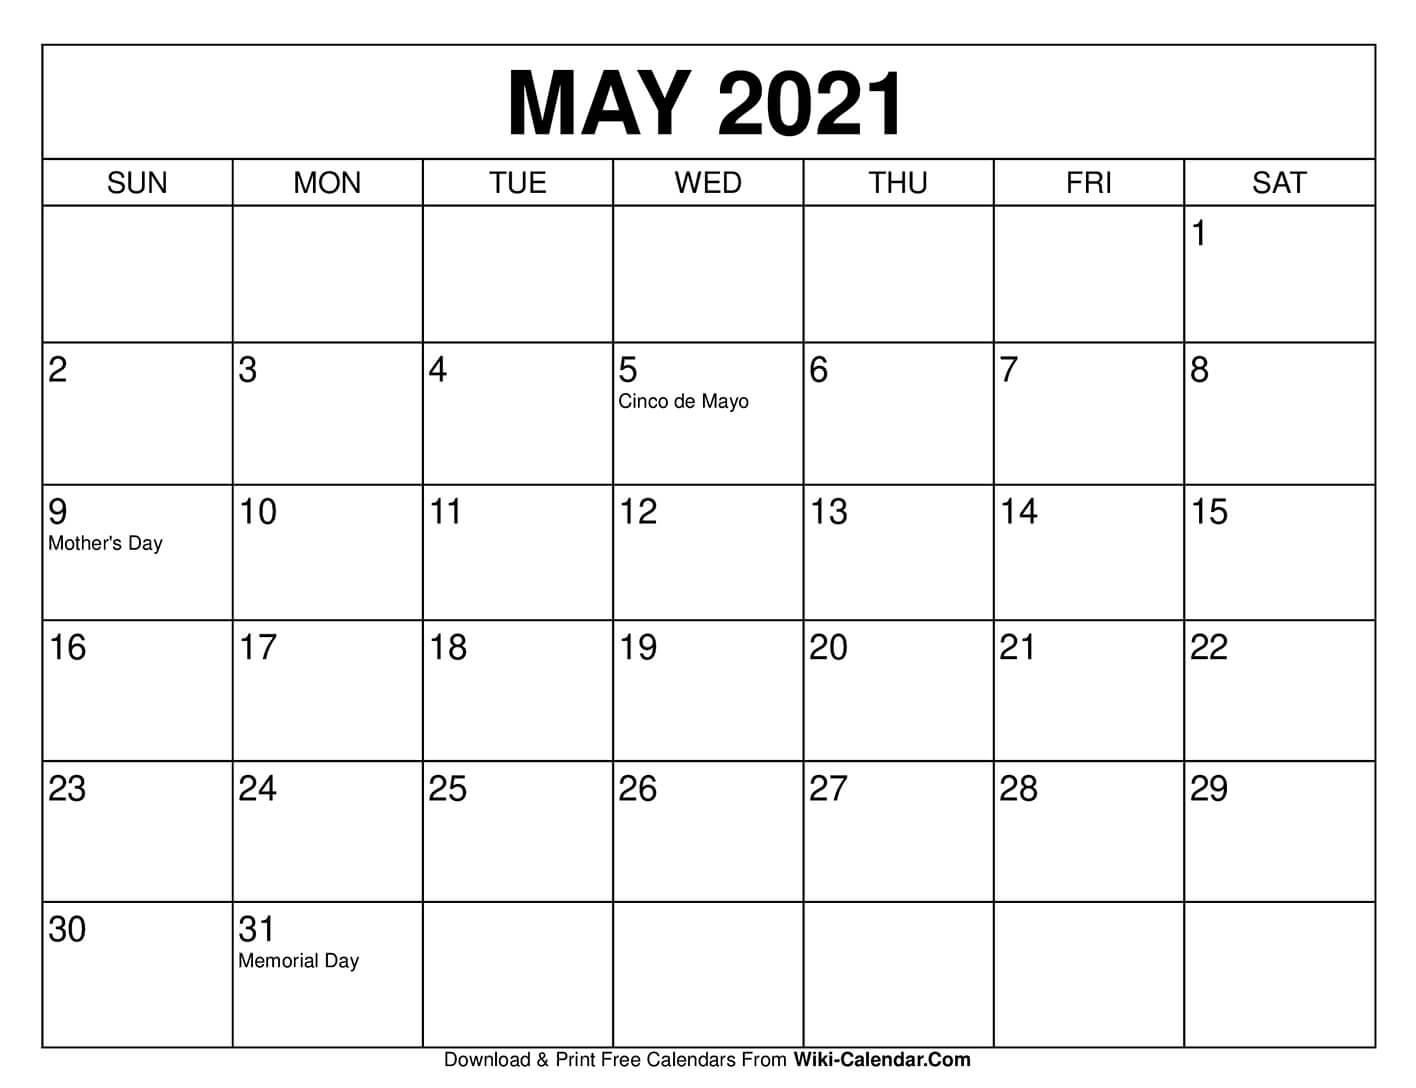 Get Calendar April May 2021